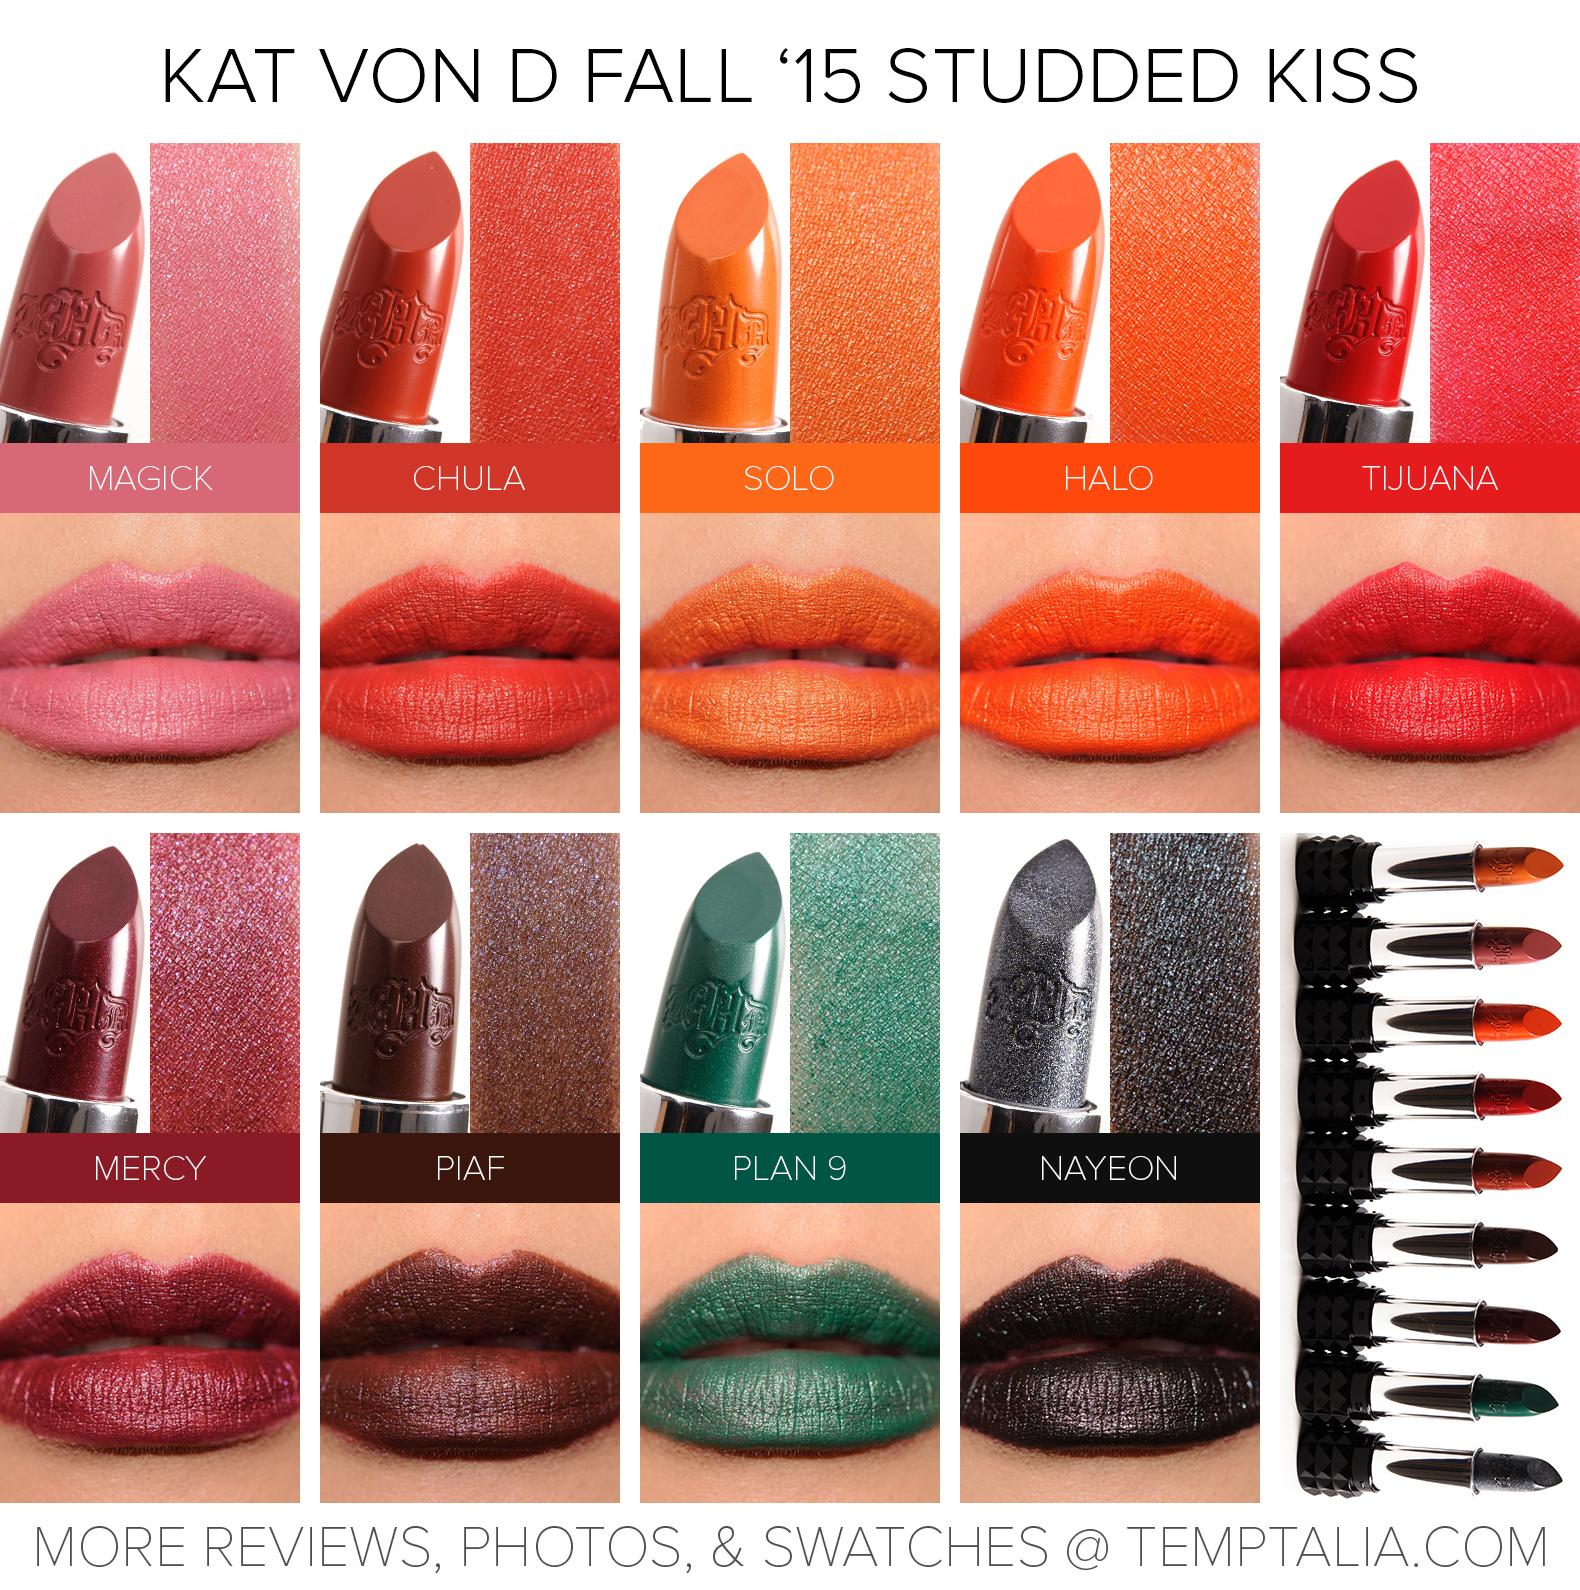 Sneak Peek: Kat Von D Fall 2015 Studded Kiss Lipsticks Photos ...